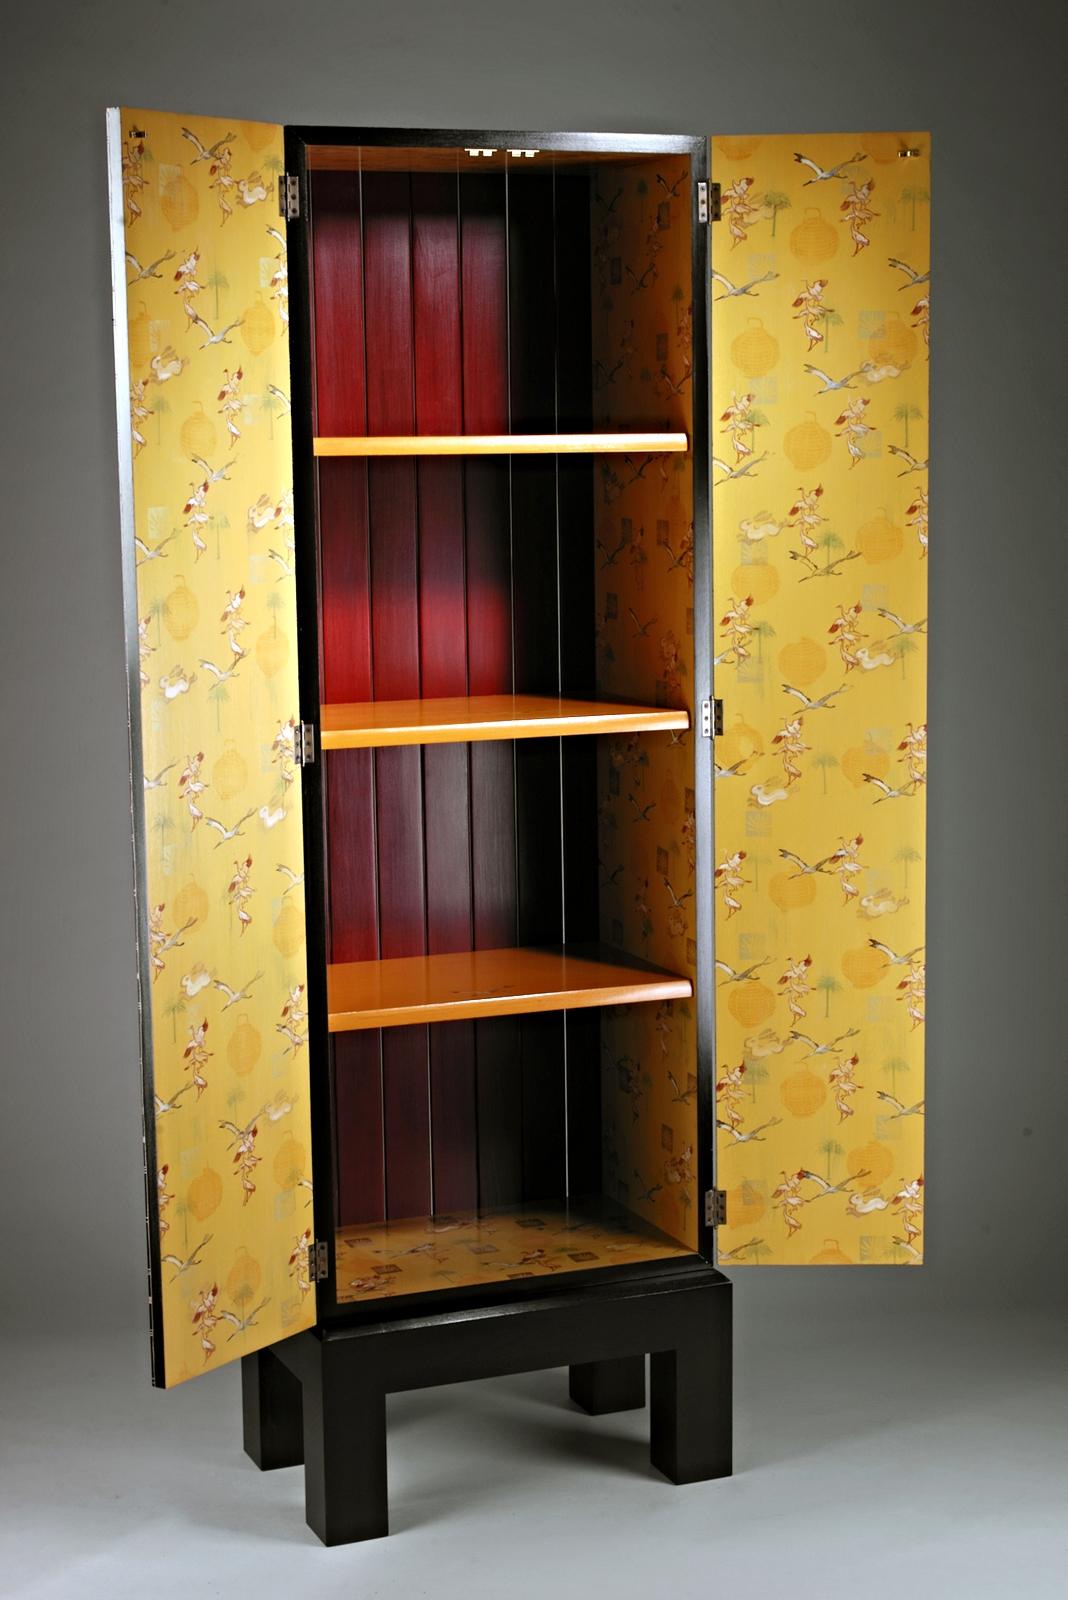 Samba Cabinet (inside view)